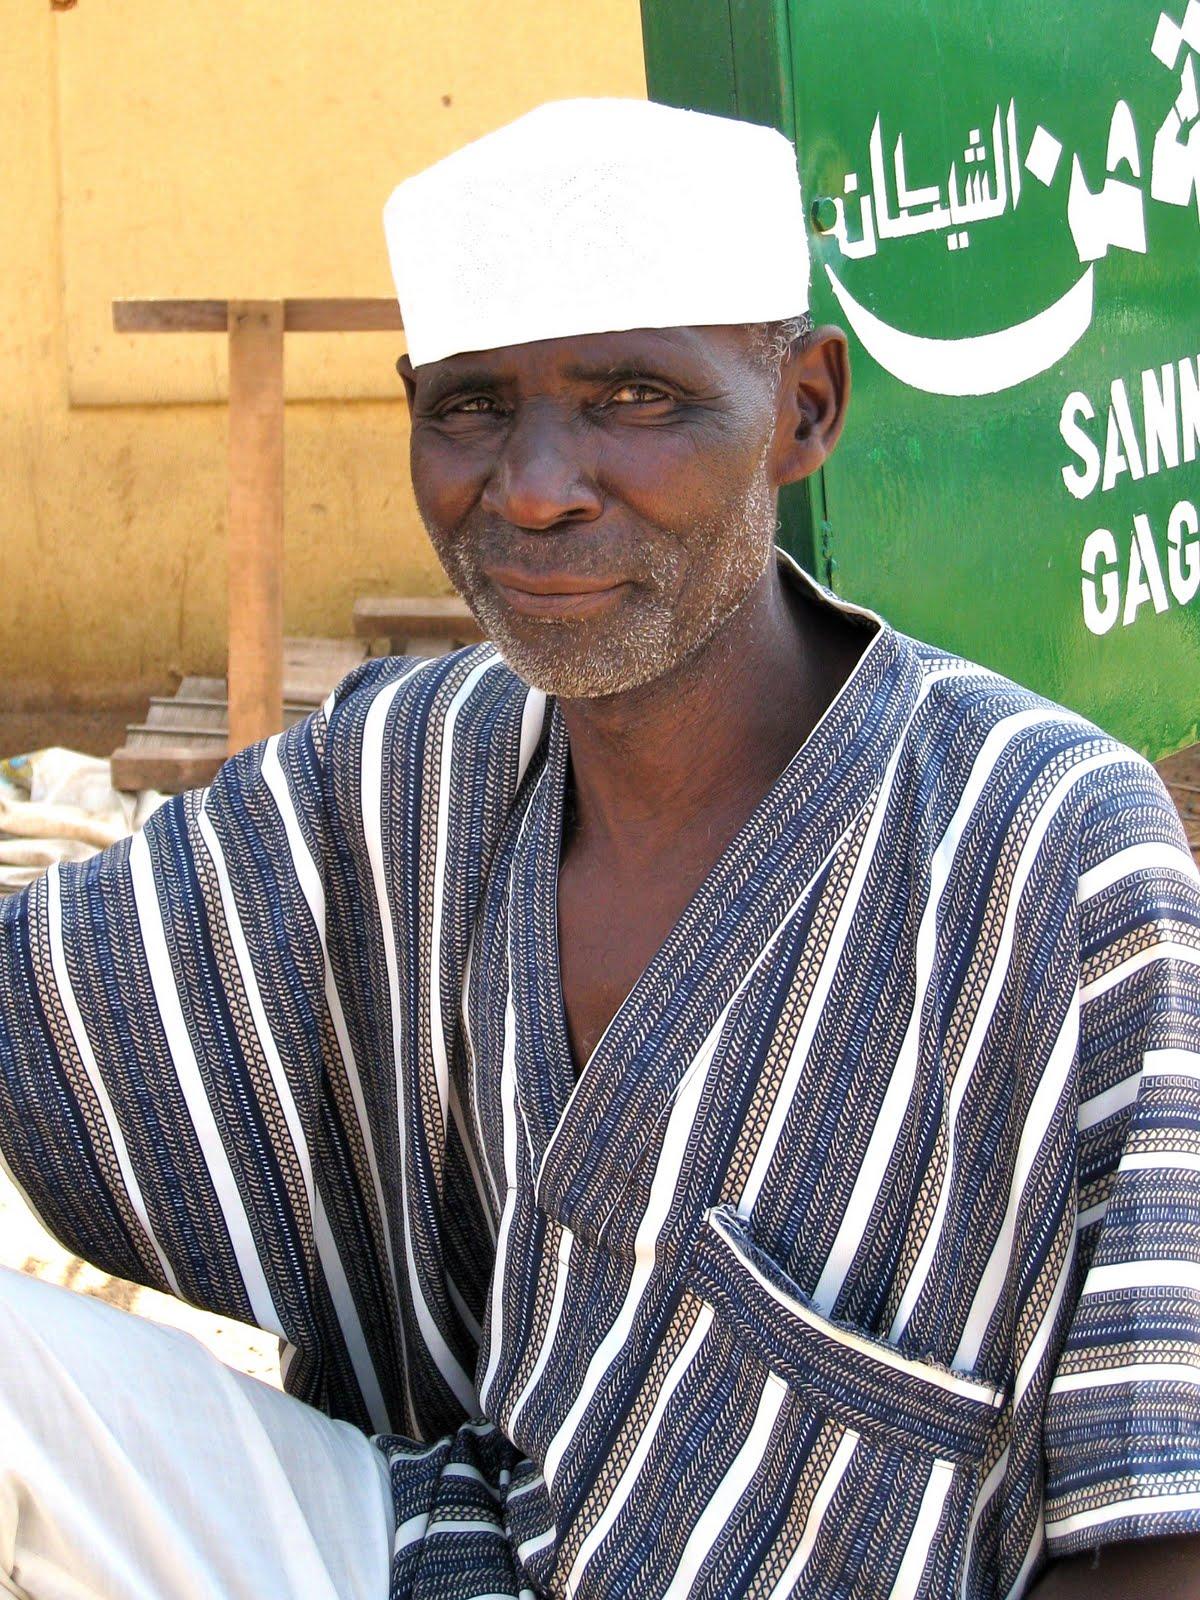 Rencontre niger / Site de rencontre amicale 100 gratuit